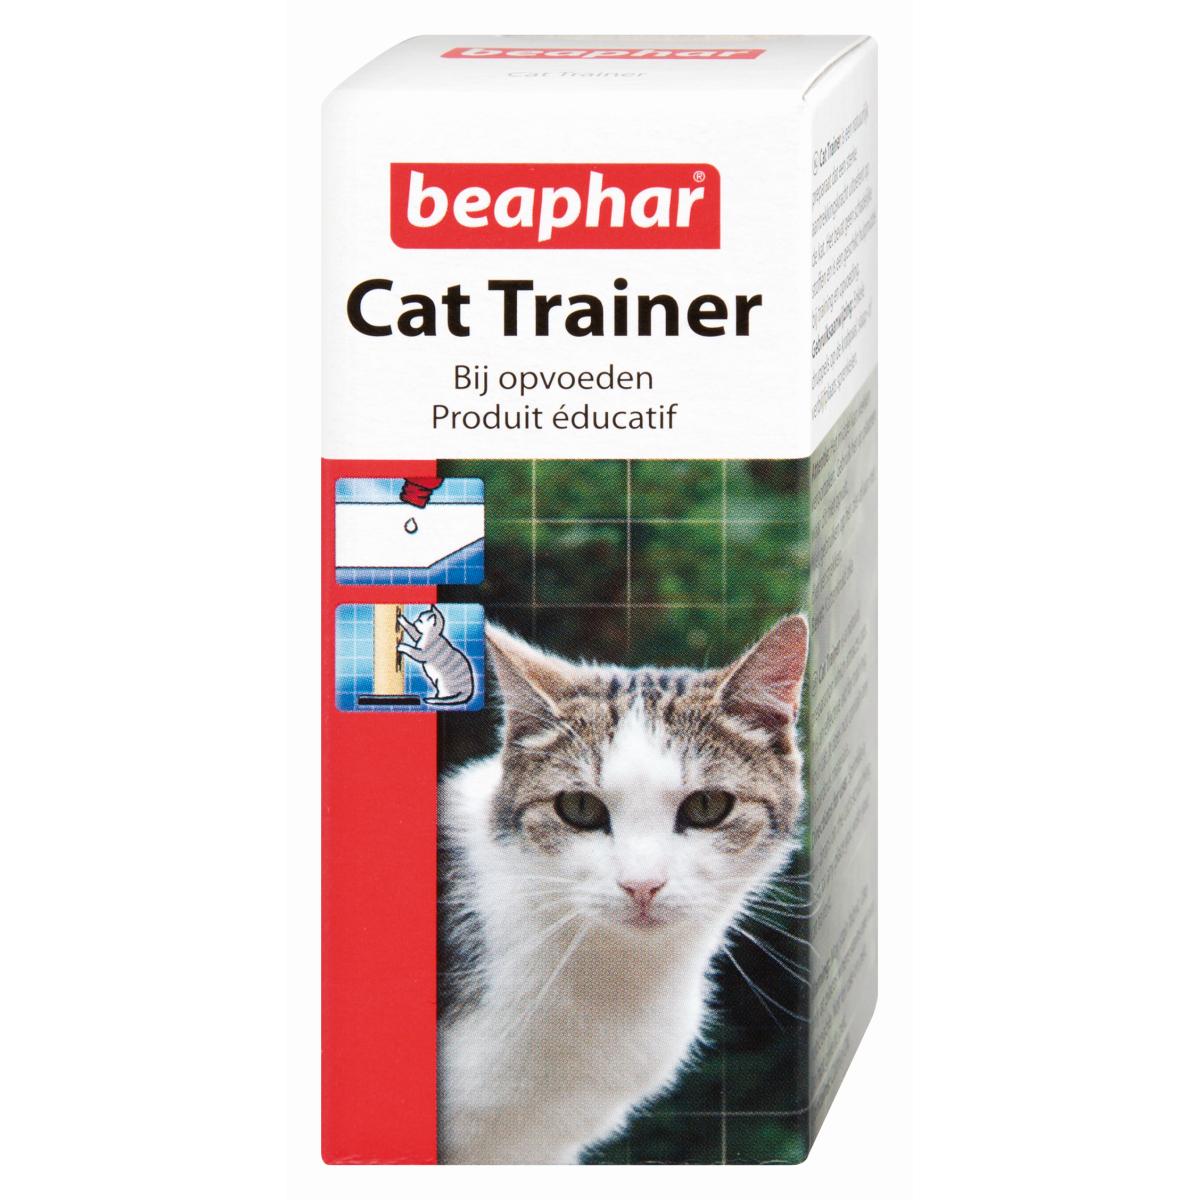 BEA-CATTY-TRAINER-10ML-N-00001